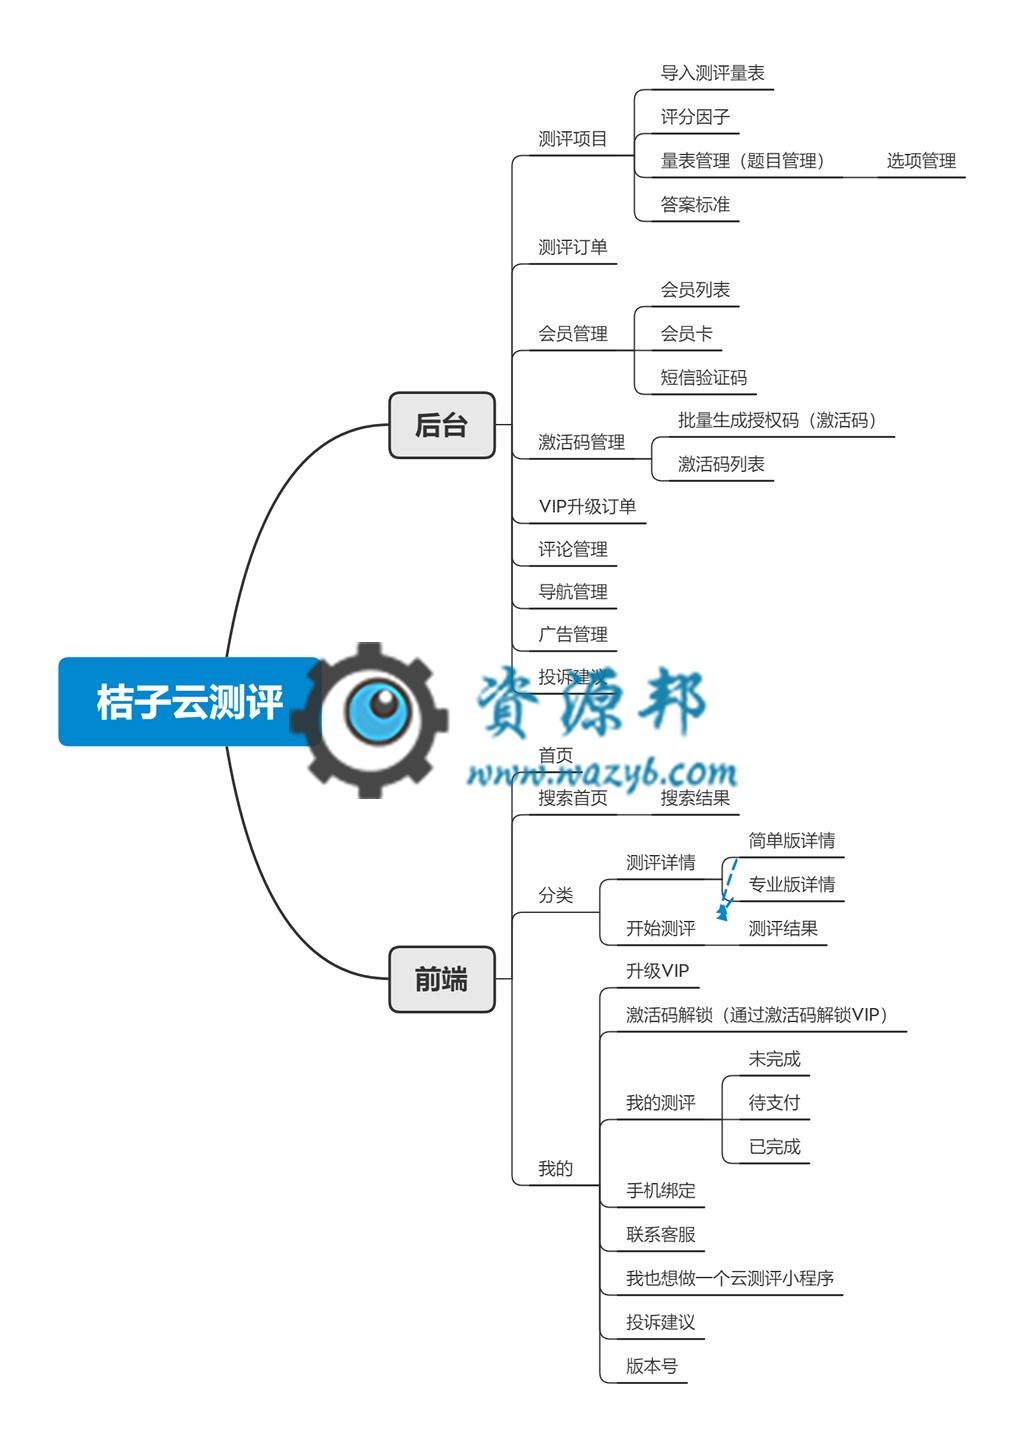 【永久会员专享】桔子云测评小程序源码包更新【更新至V1.0.8】 第16张